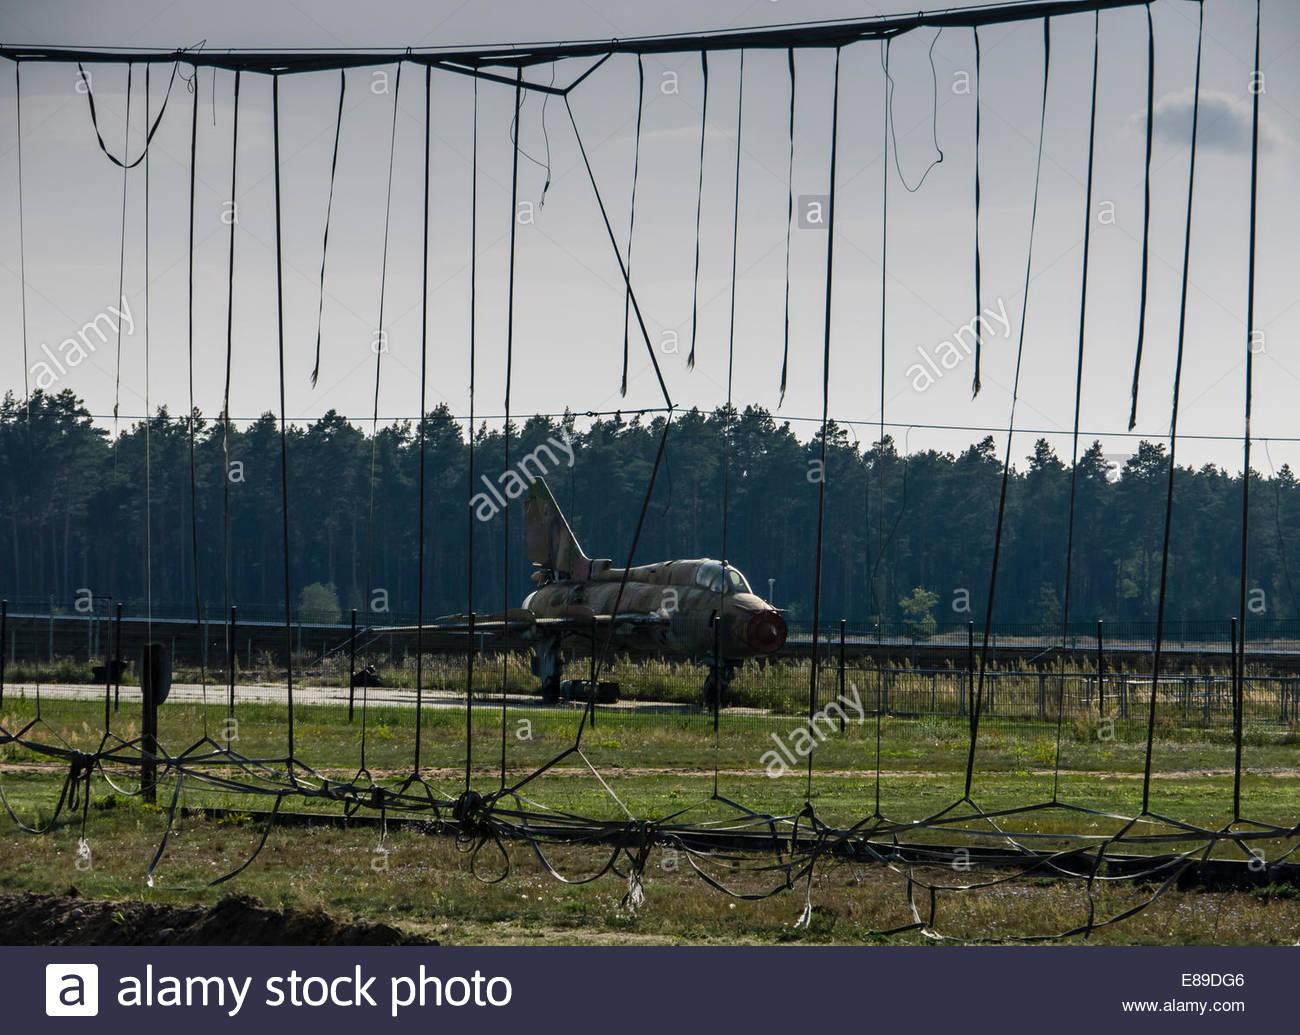 Alemania Oriental, DDR Finow, museo ruso de la guerra fría 21 aviones Mig Base de intercepción de barrera Imagen De Stock